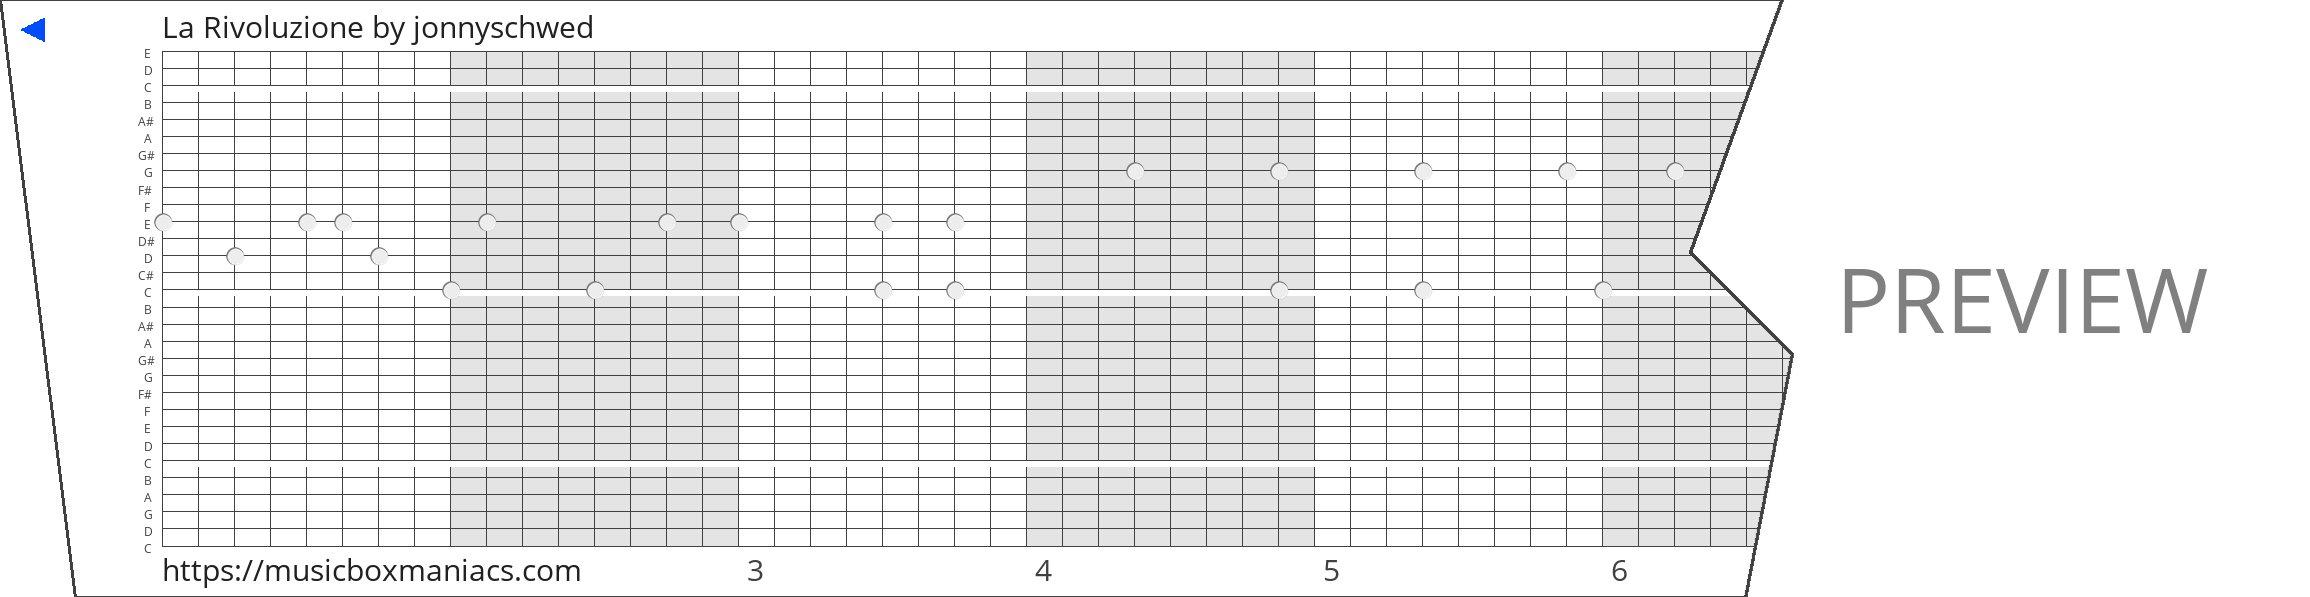 La Rivoluzione 30 note music box paper strip